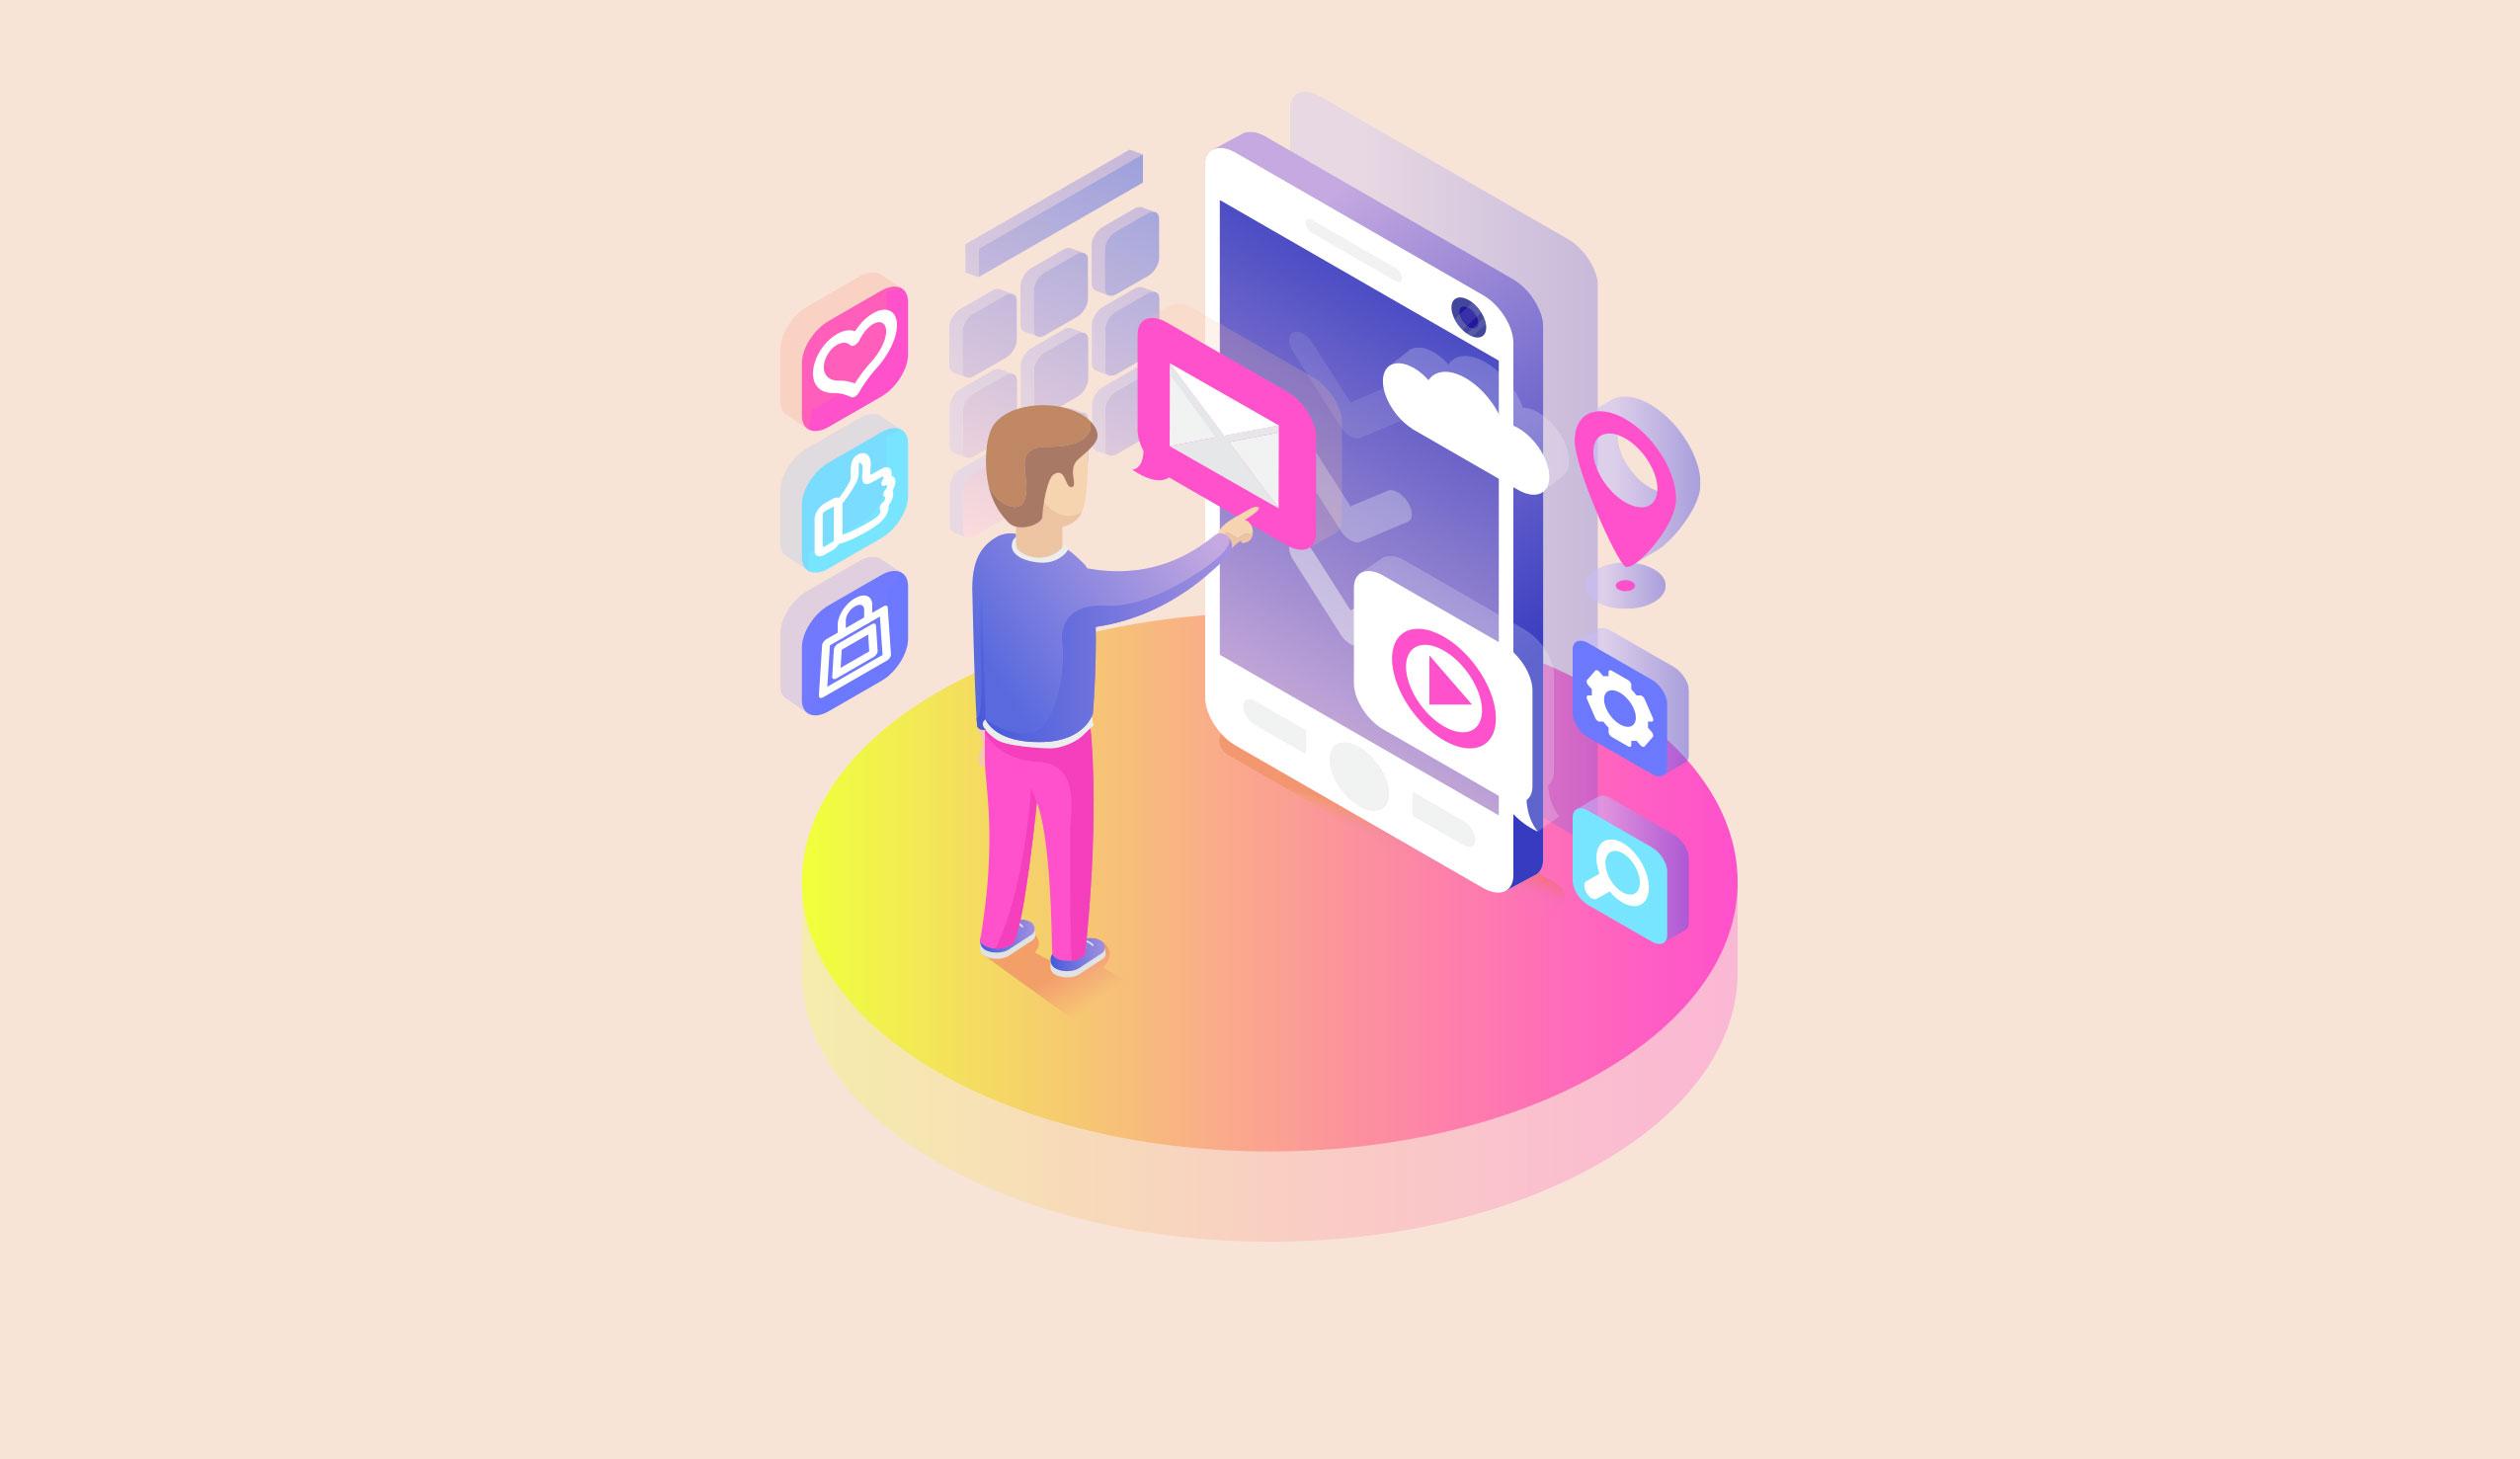 Come le app mobile hanno cambiato la definizione di business